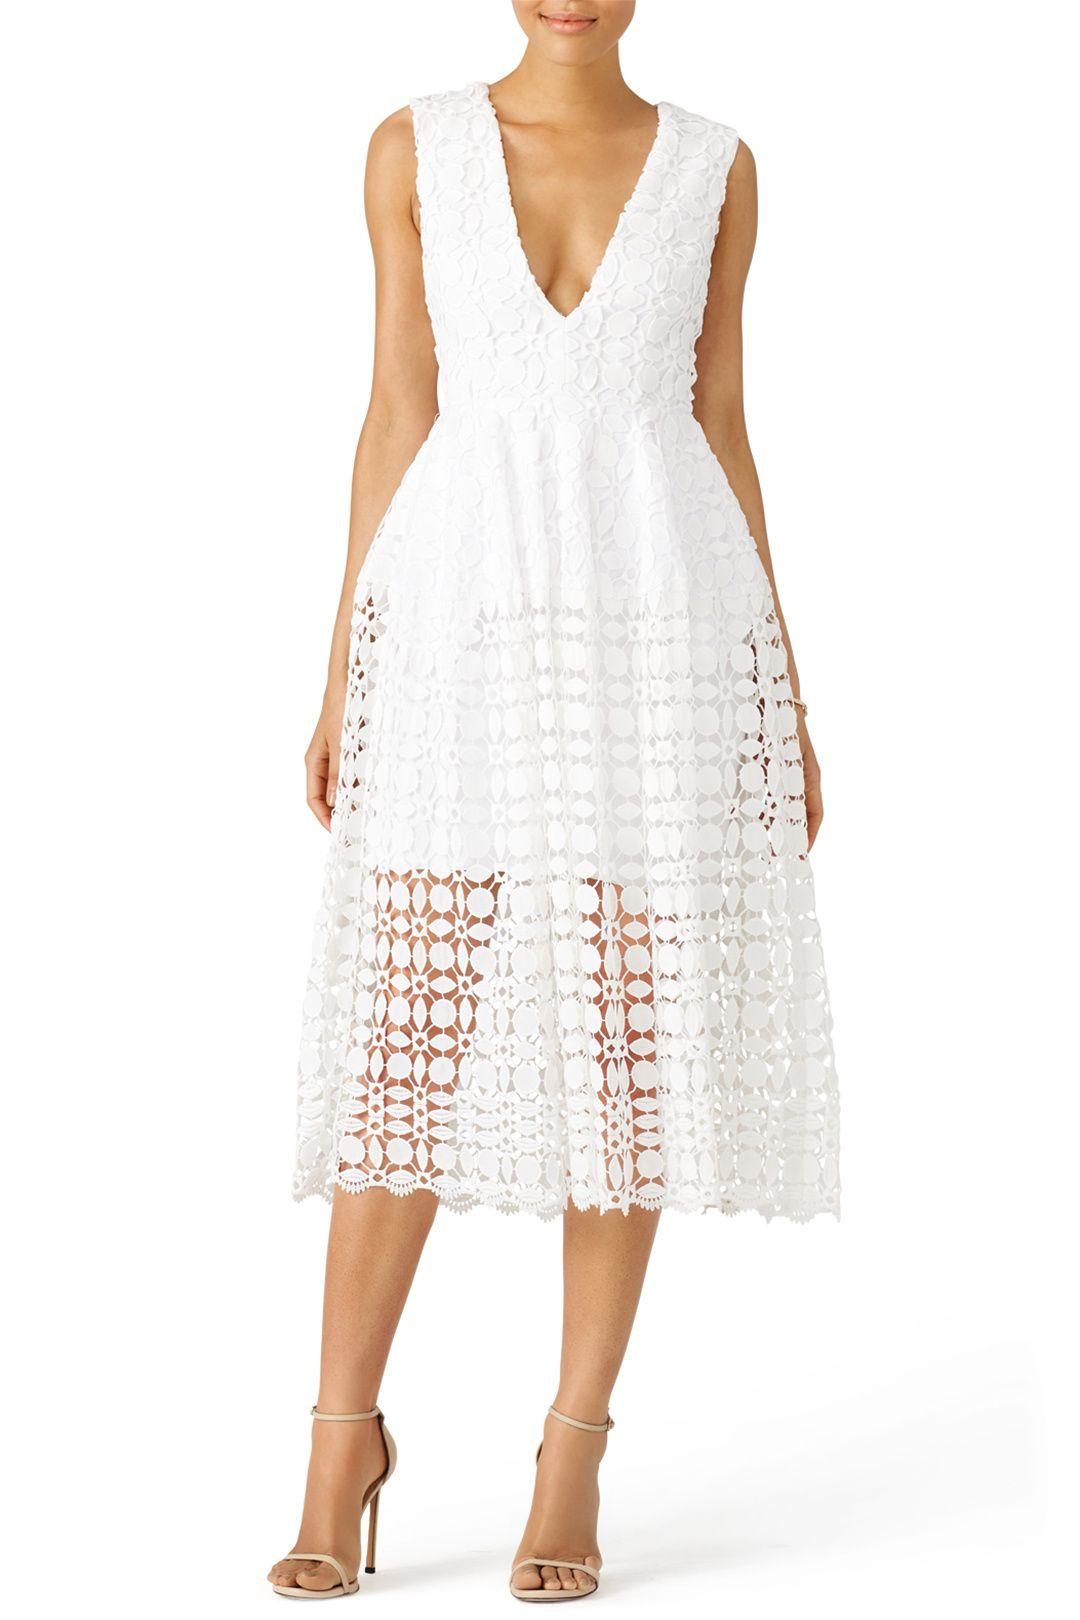 Nicholas Tiered Lace Dress Lace Dress Lace Dress Classy Lace White Dress